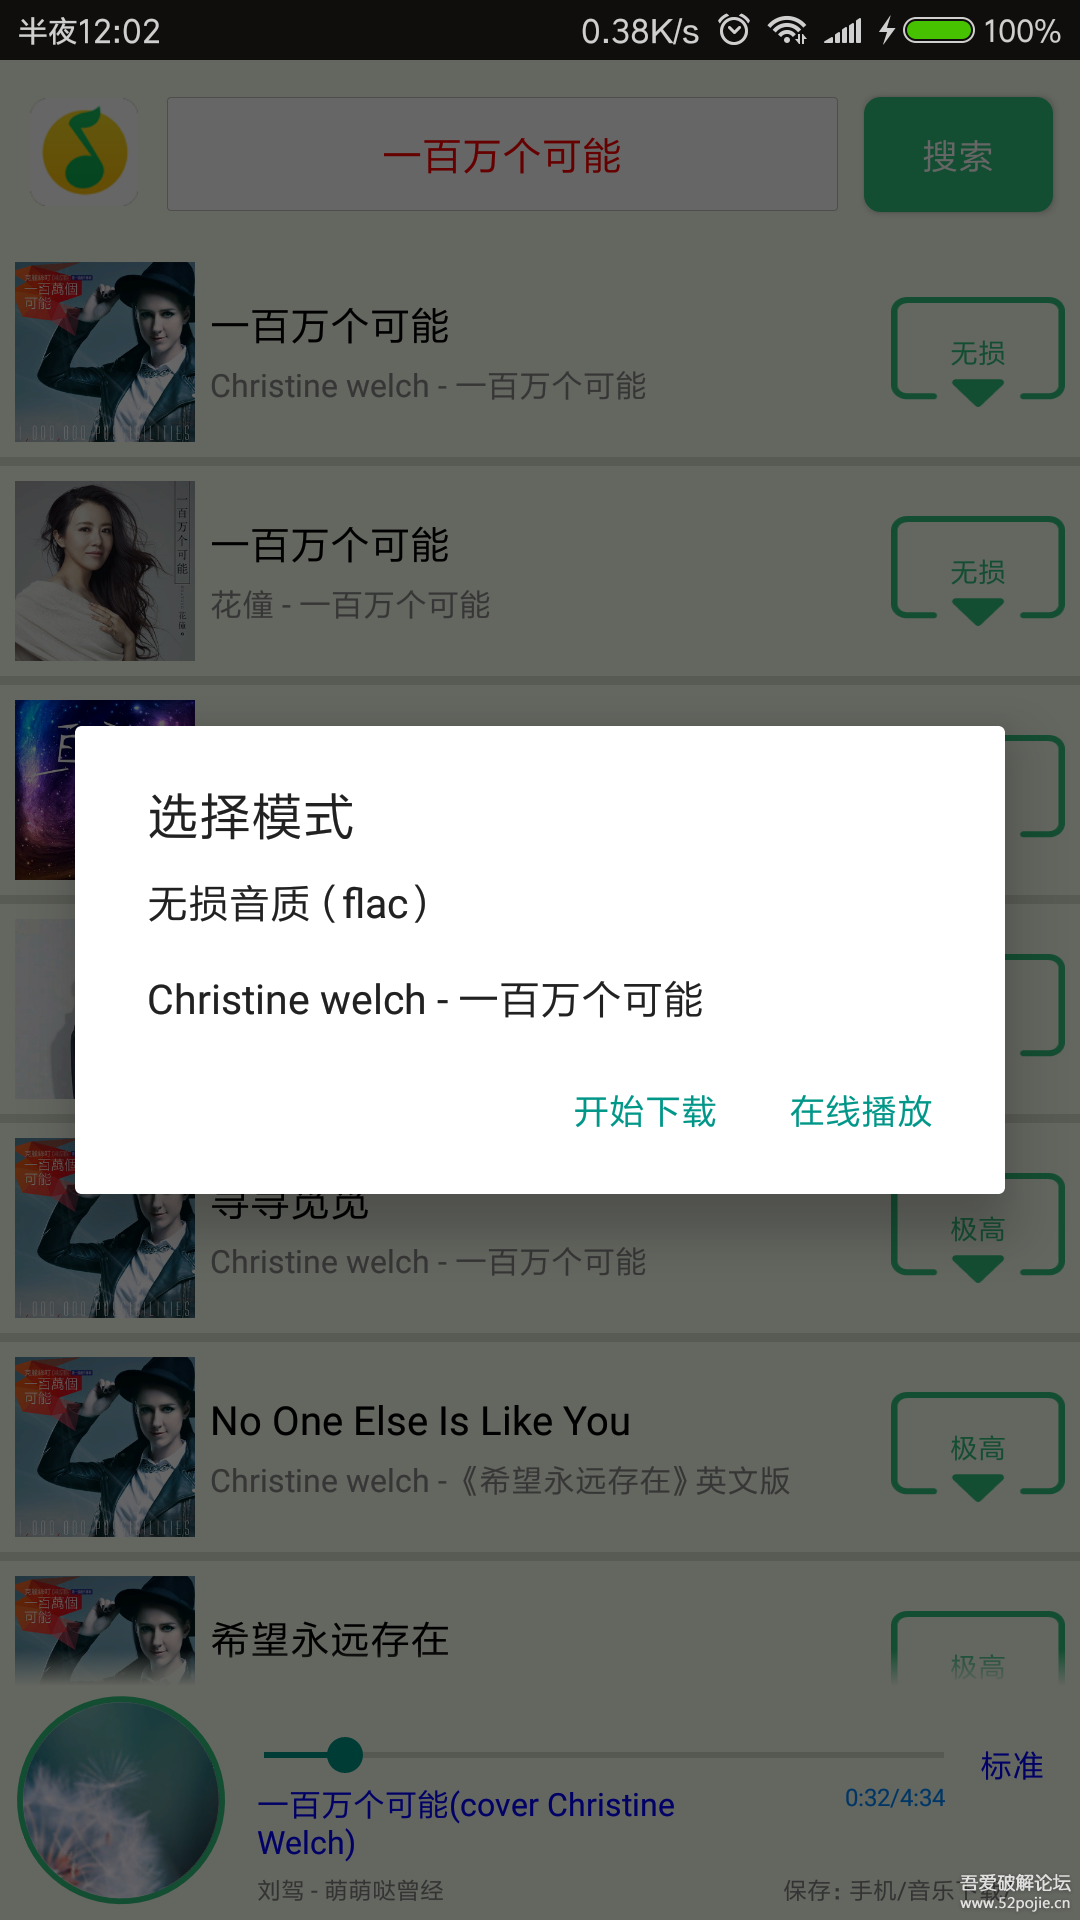 搜云音乐vip破解版下载_全网付费音乐免费下载